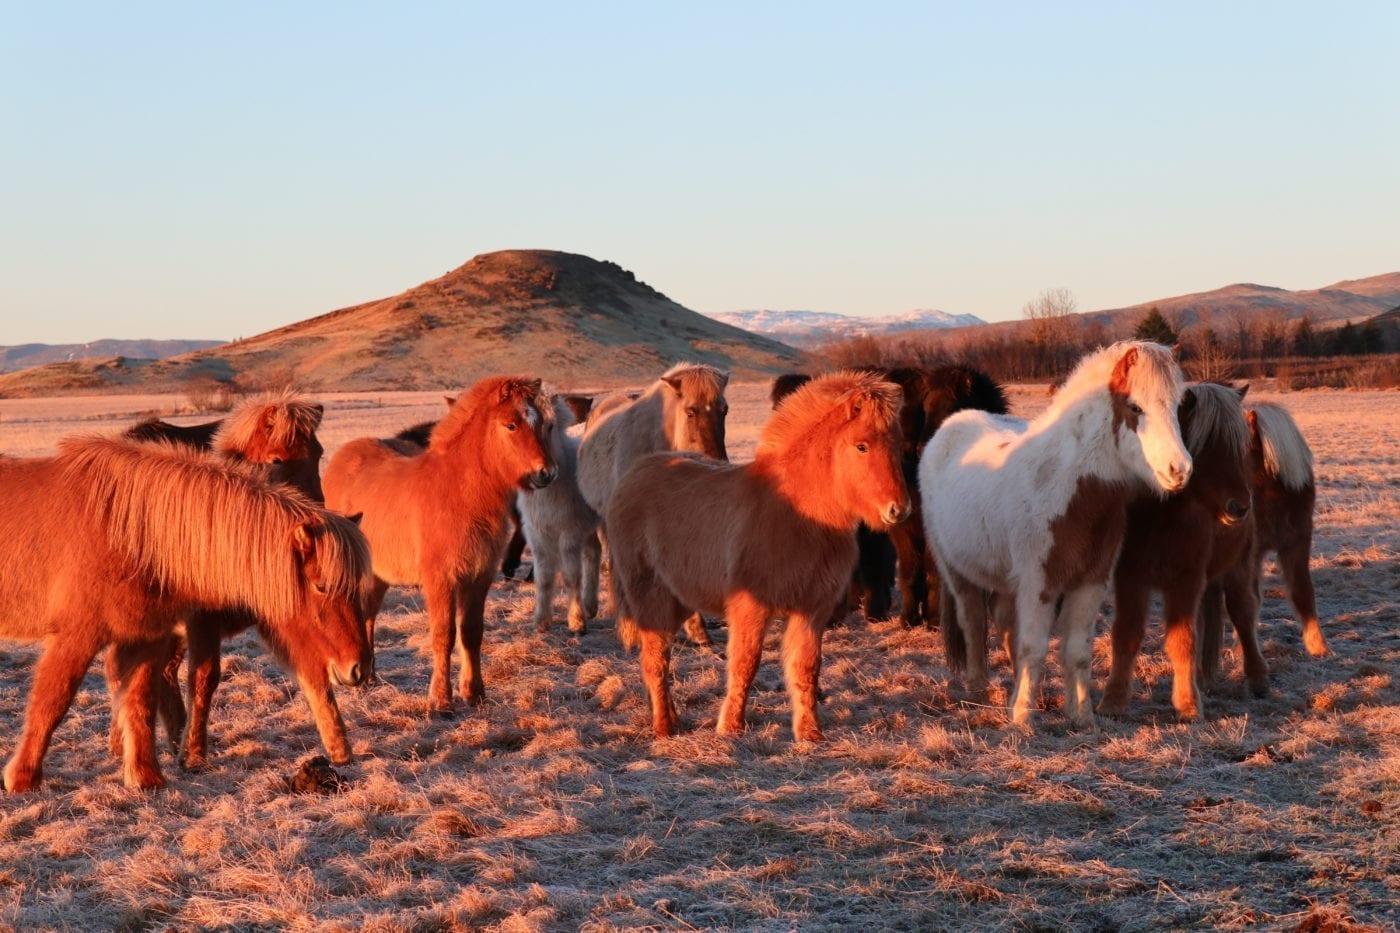 Horses in Kjarr